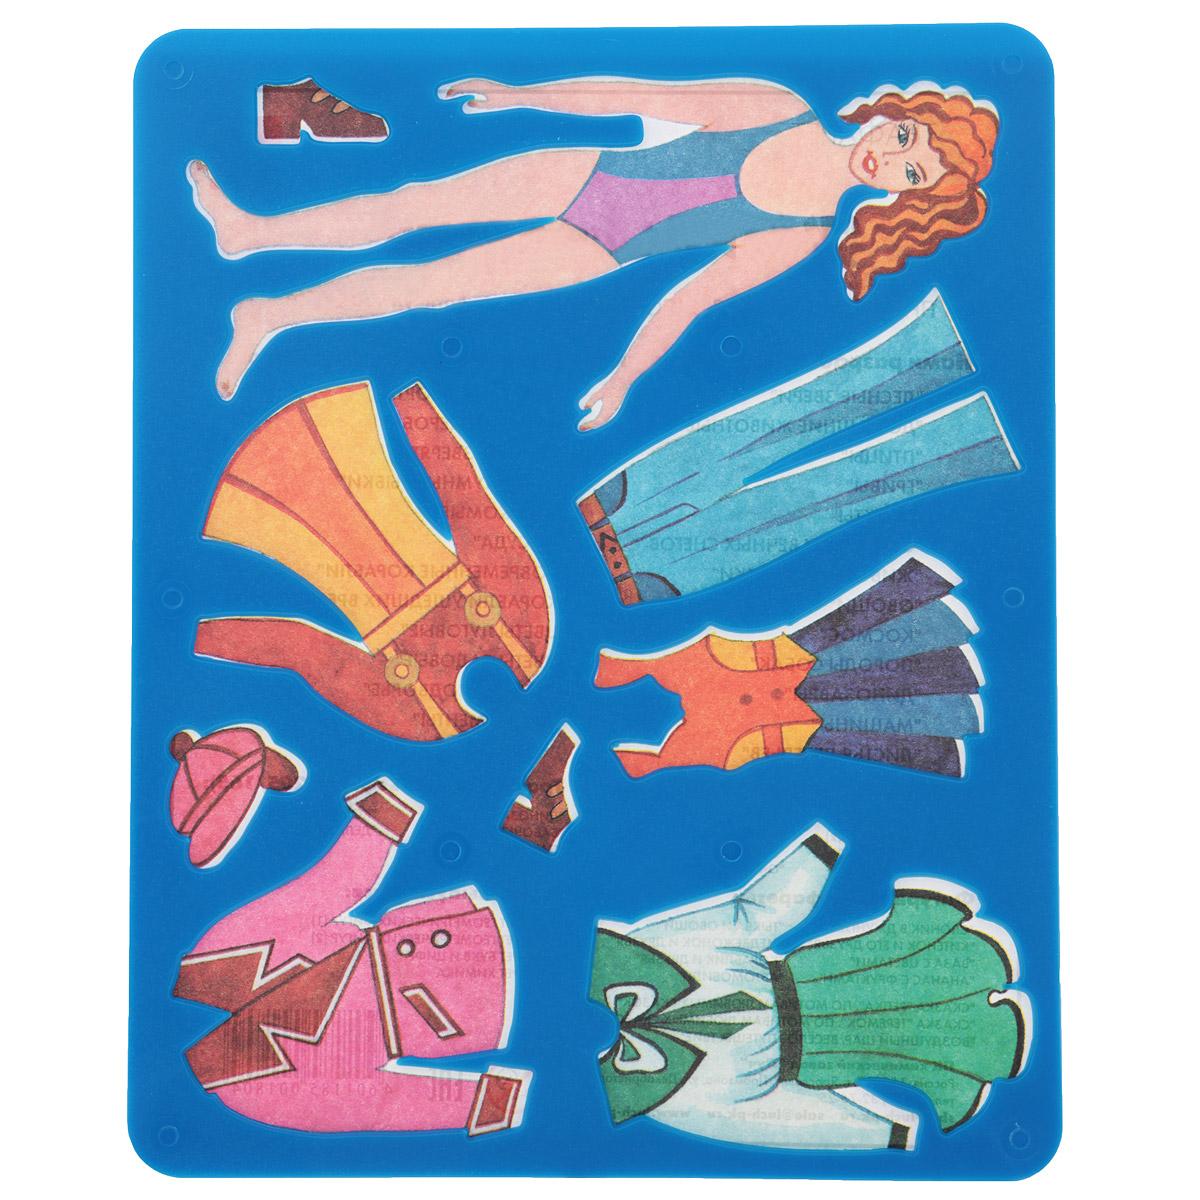 Трафарет прорезной Луч Катин гардероб10С 529-08Трафарет Луч Катин гардероб, выполненный из безопасного пластика, предназначен для детского творчества. По трафарету Катин гардероб маленькие художницы смогут нарисовать кукольные наряды и играть с бумажными куклами, создавая им новые образы. Для этого необходимо положить трафарет на лист бумаги, обвести фигуру по контуру и раскрасить по своему вкусу или глядя на цветную картинку-образец. Трафареты предназначены для развития у детей мелкой моторики и зрительно-двигательной координации, навыков художественной композиции и зрительного восприятия.